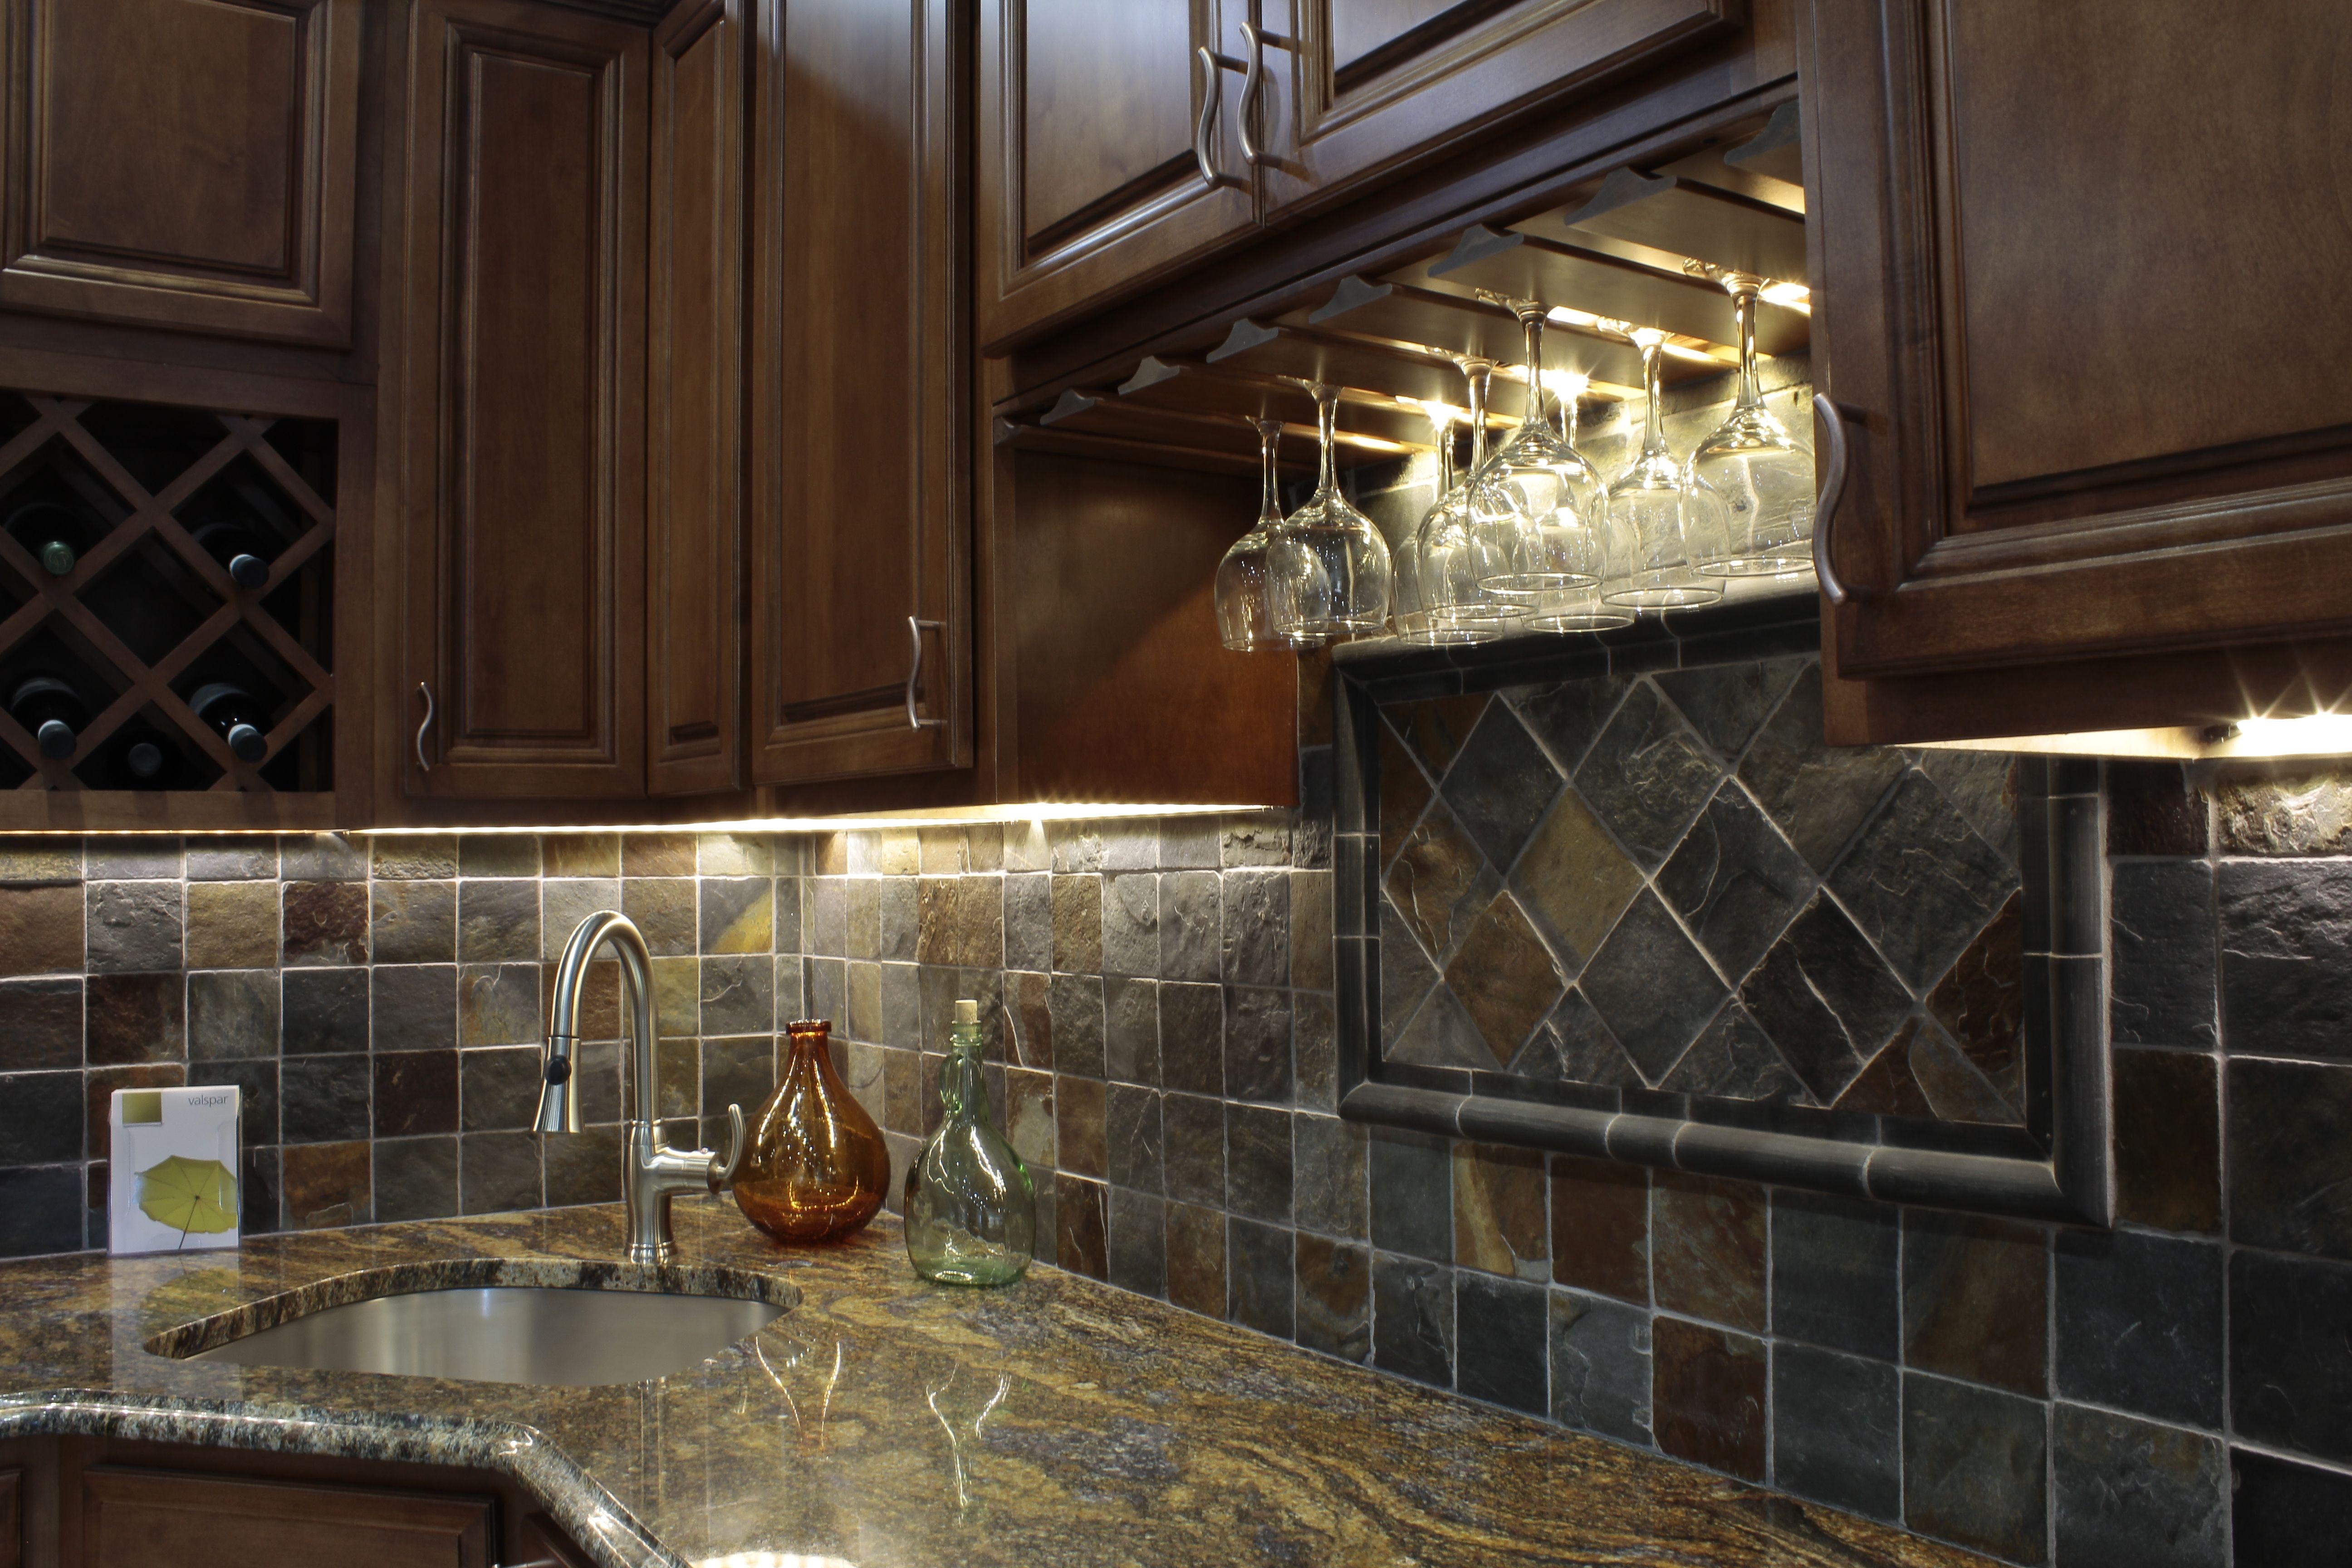 Kitchen design photos oak cabinets - Kitchen Furniture Kitchen Eye Catching Grey Marble Backsplash With Wonderful Staining Oak Cabinets Darker And